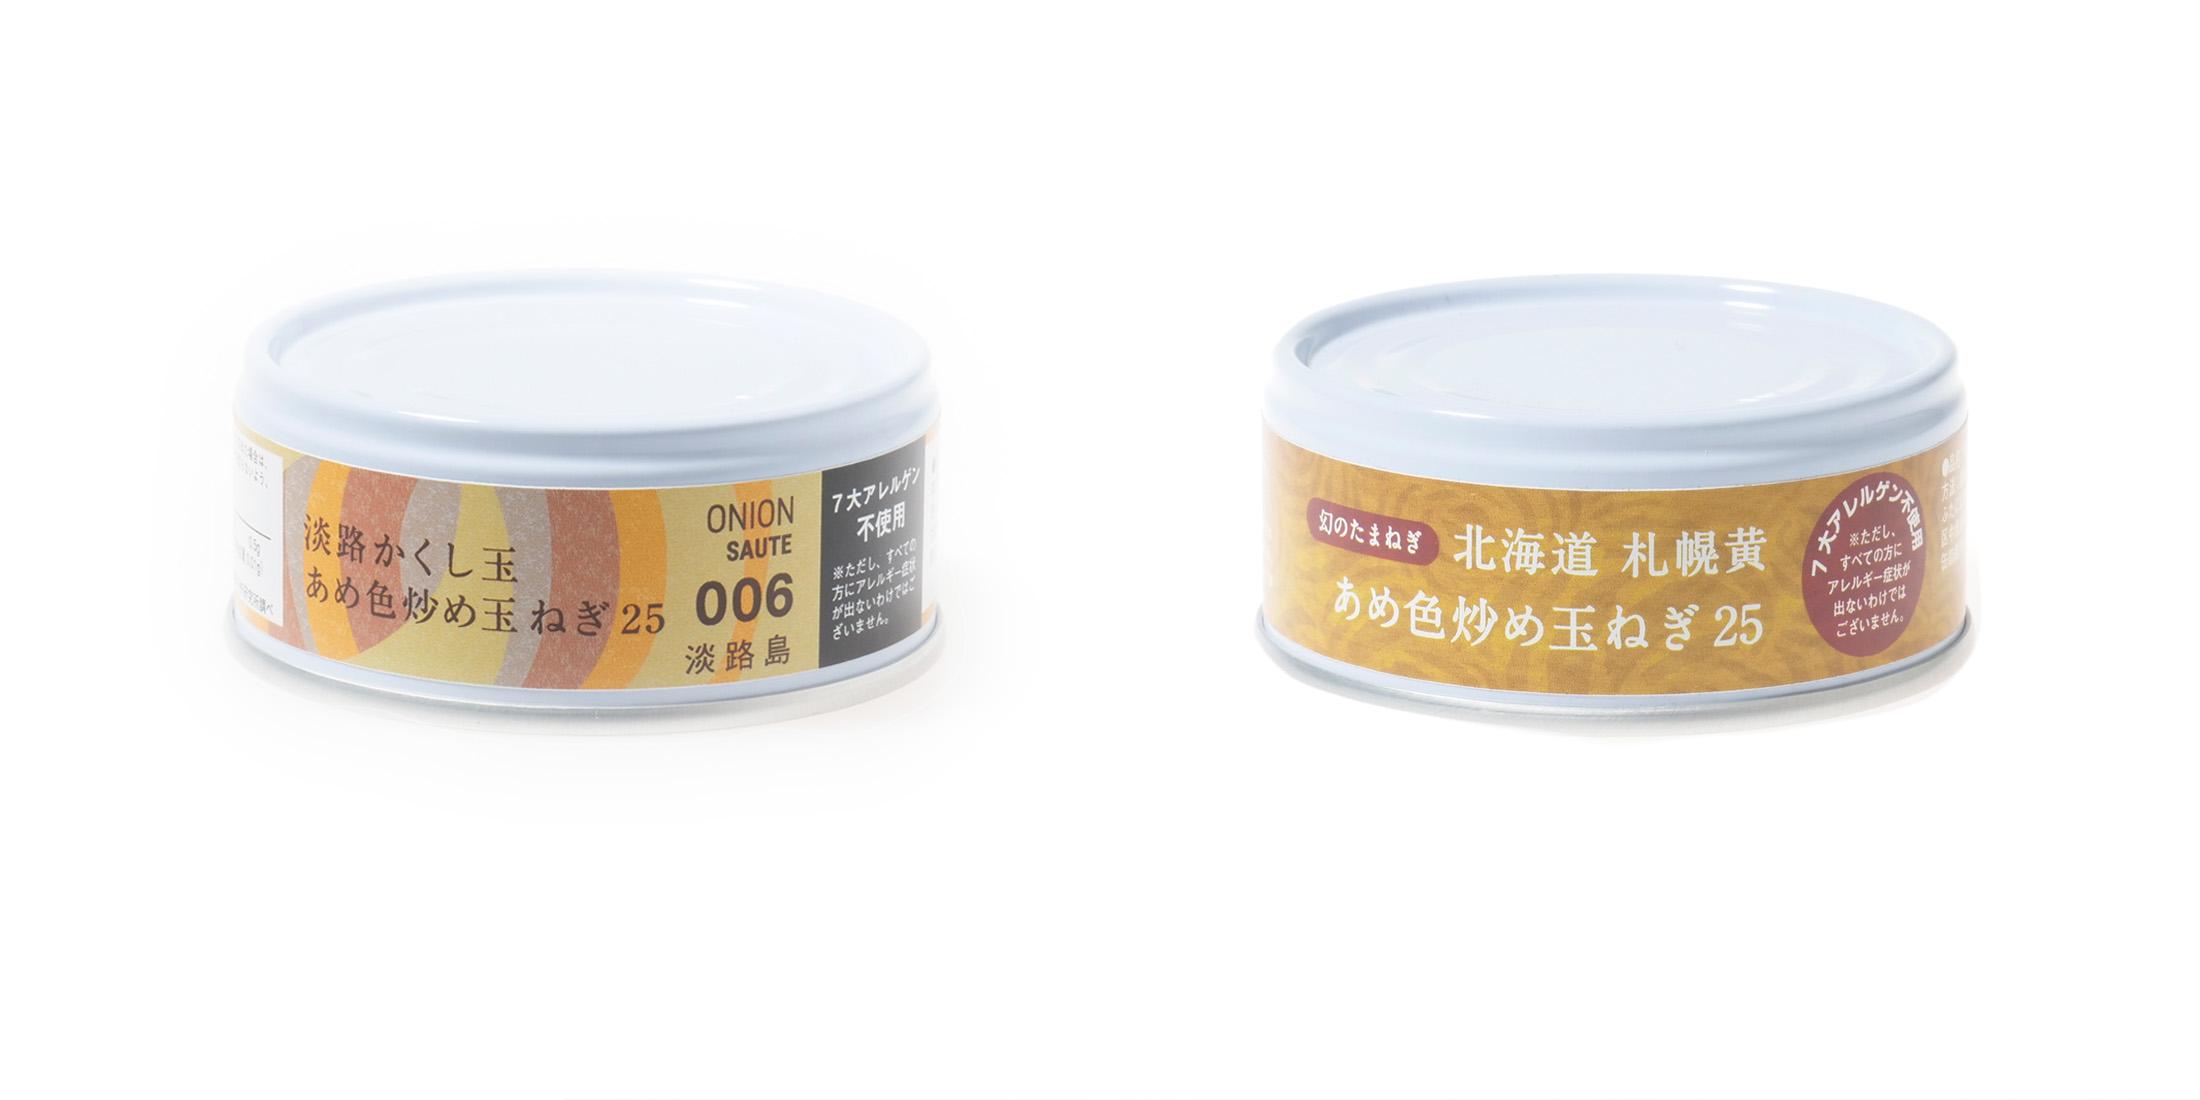 あめ色炒め玉ねぎ25 – 株式会社カンブライト | 缶詰の共創開発